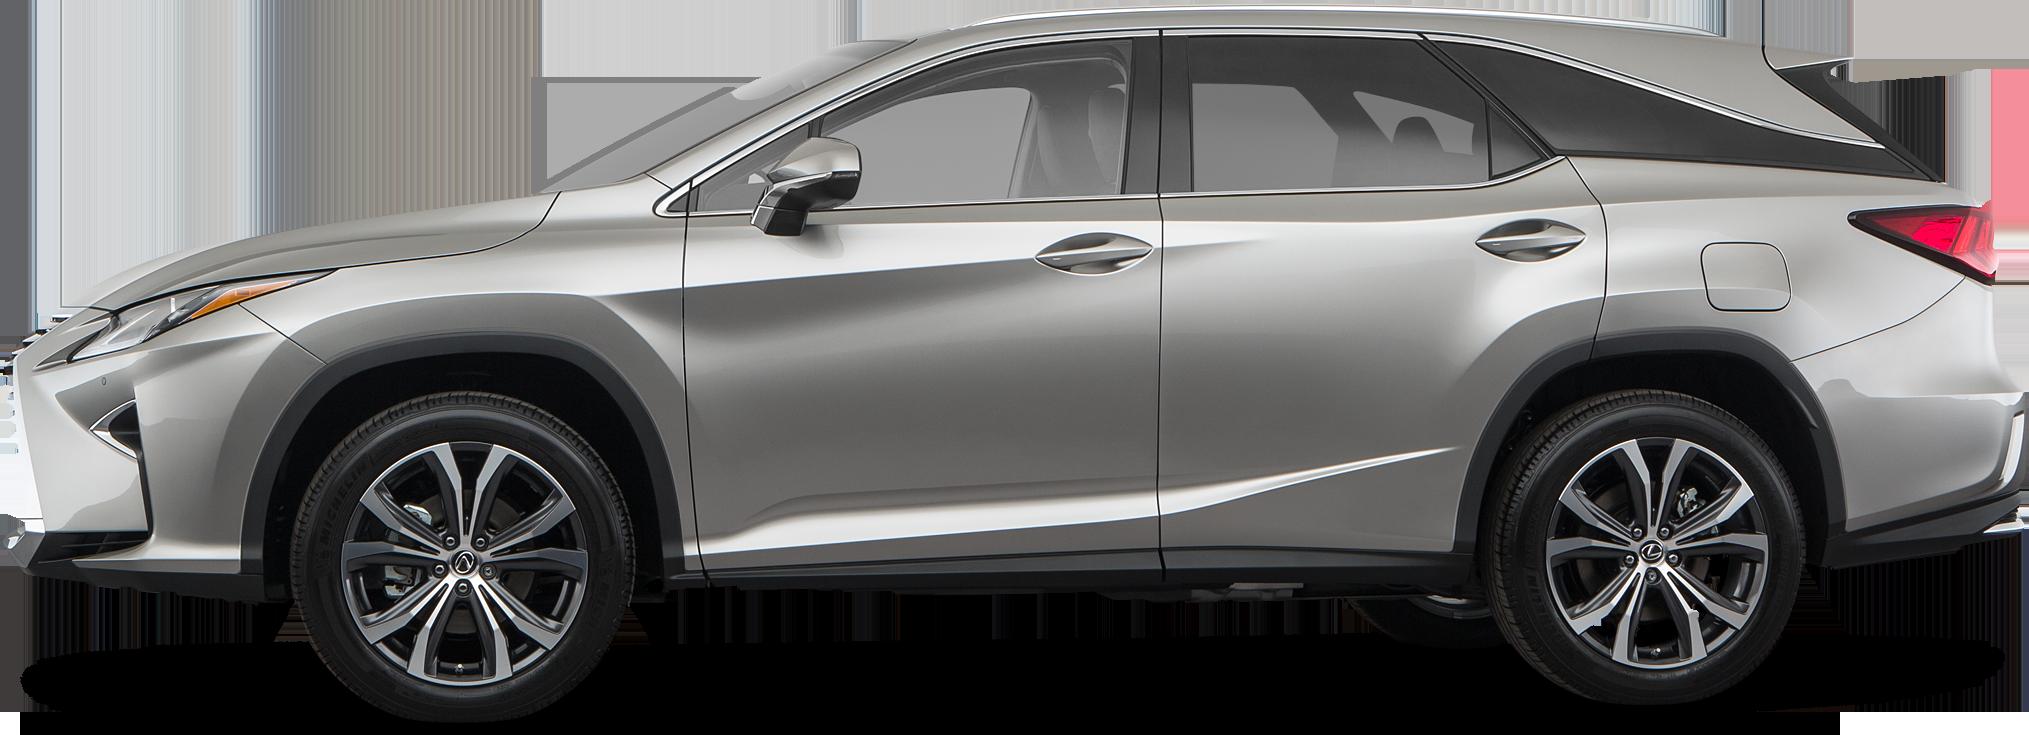 2018 Lexus RX 350L SUV Luxury